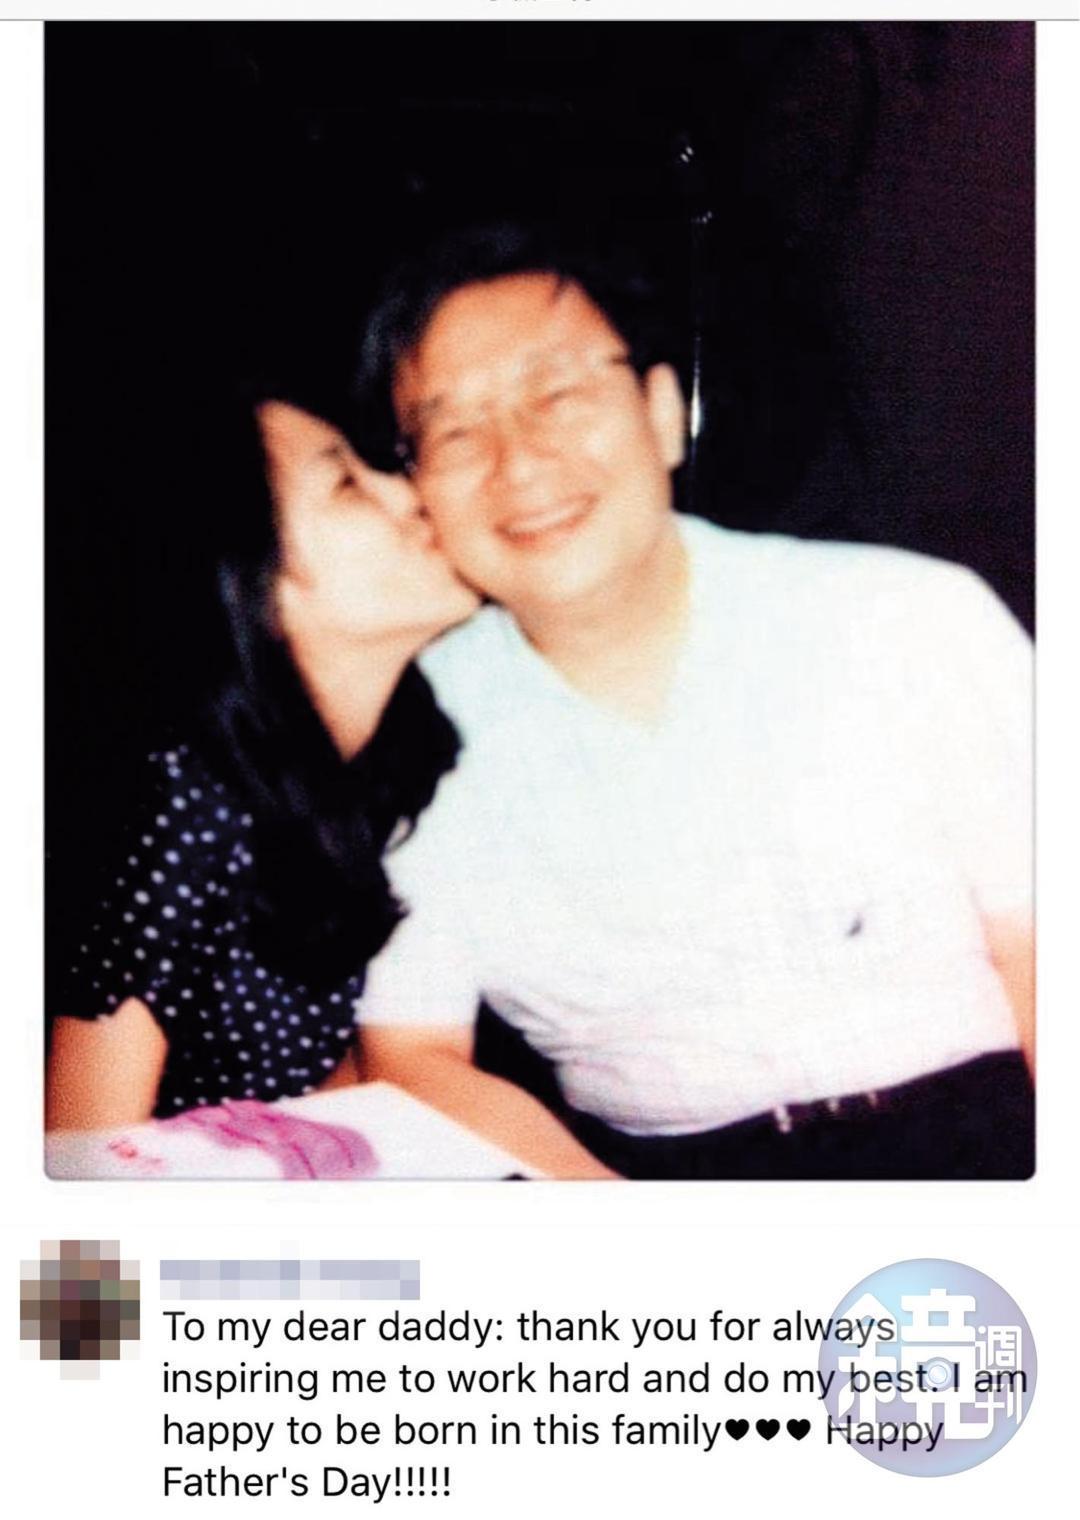 楊宇晨(左)先前曾在臉書貼出親吻父親(右)的照片,感性謝稱「很高興出生在這個家庭」,如今顯得格外諷刺。(翻攝臉書)